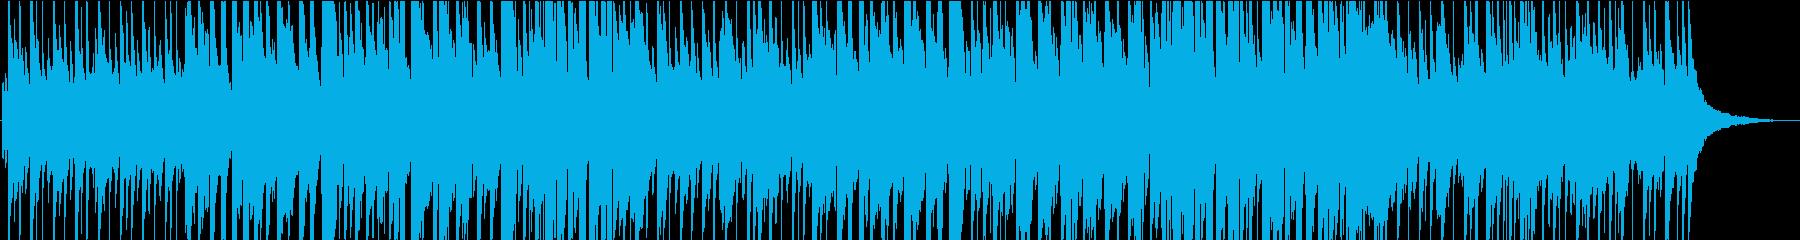 童謡「シャボン玉」ポップスアレンジの再生済みの波形